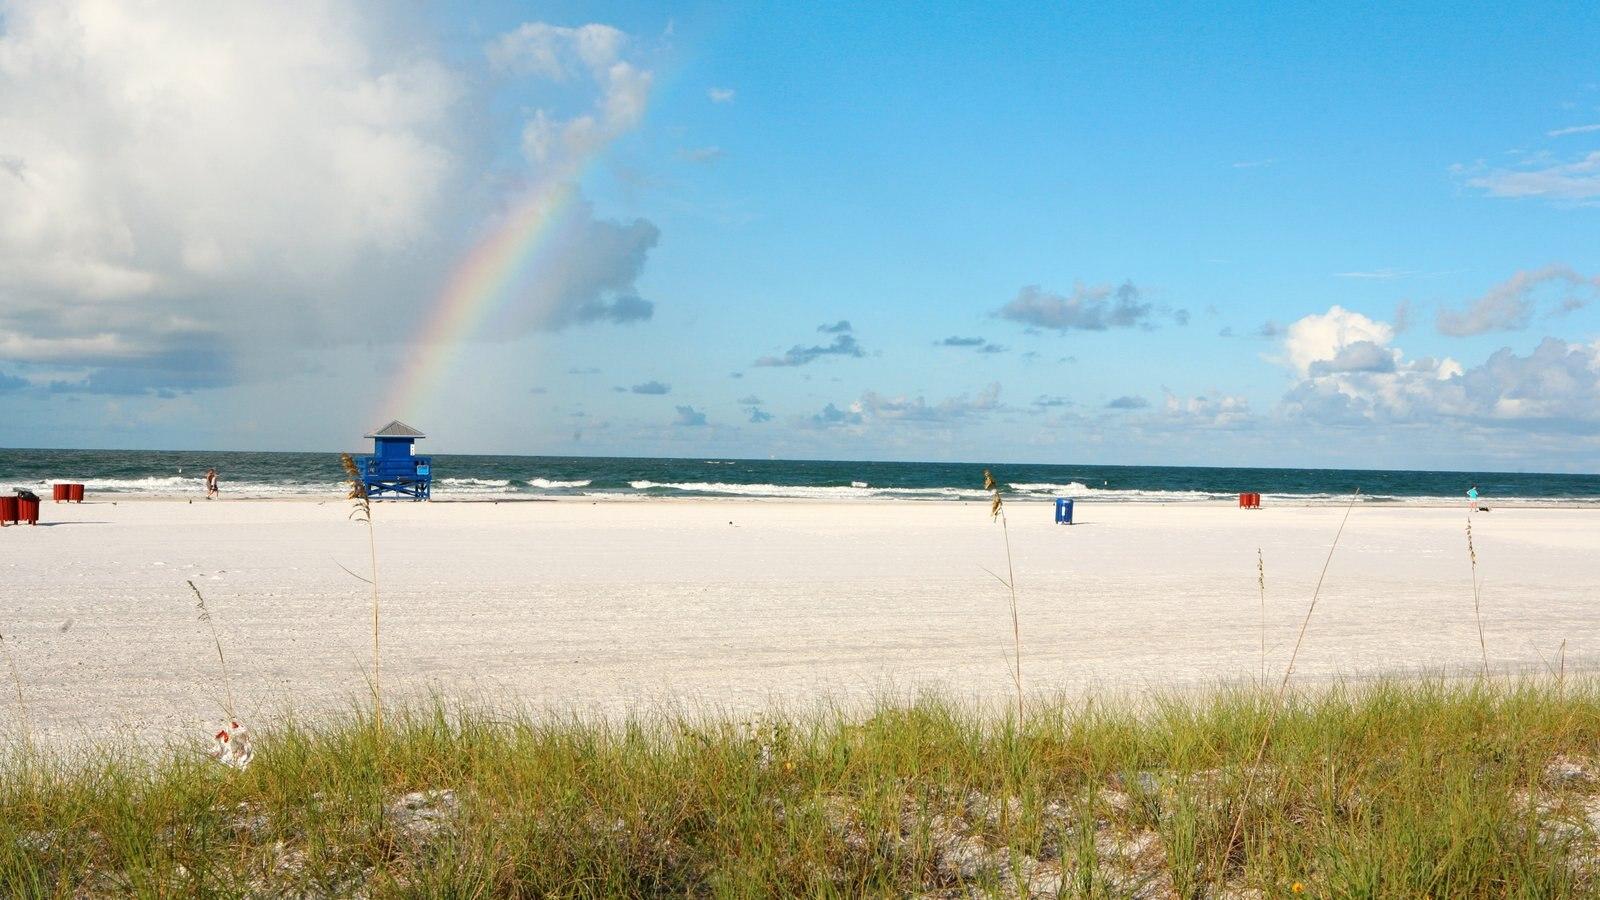 Sarasota beaches - Sarasota Showing A Sandy Beach